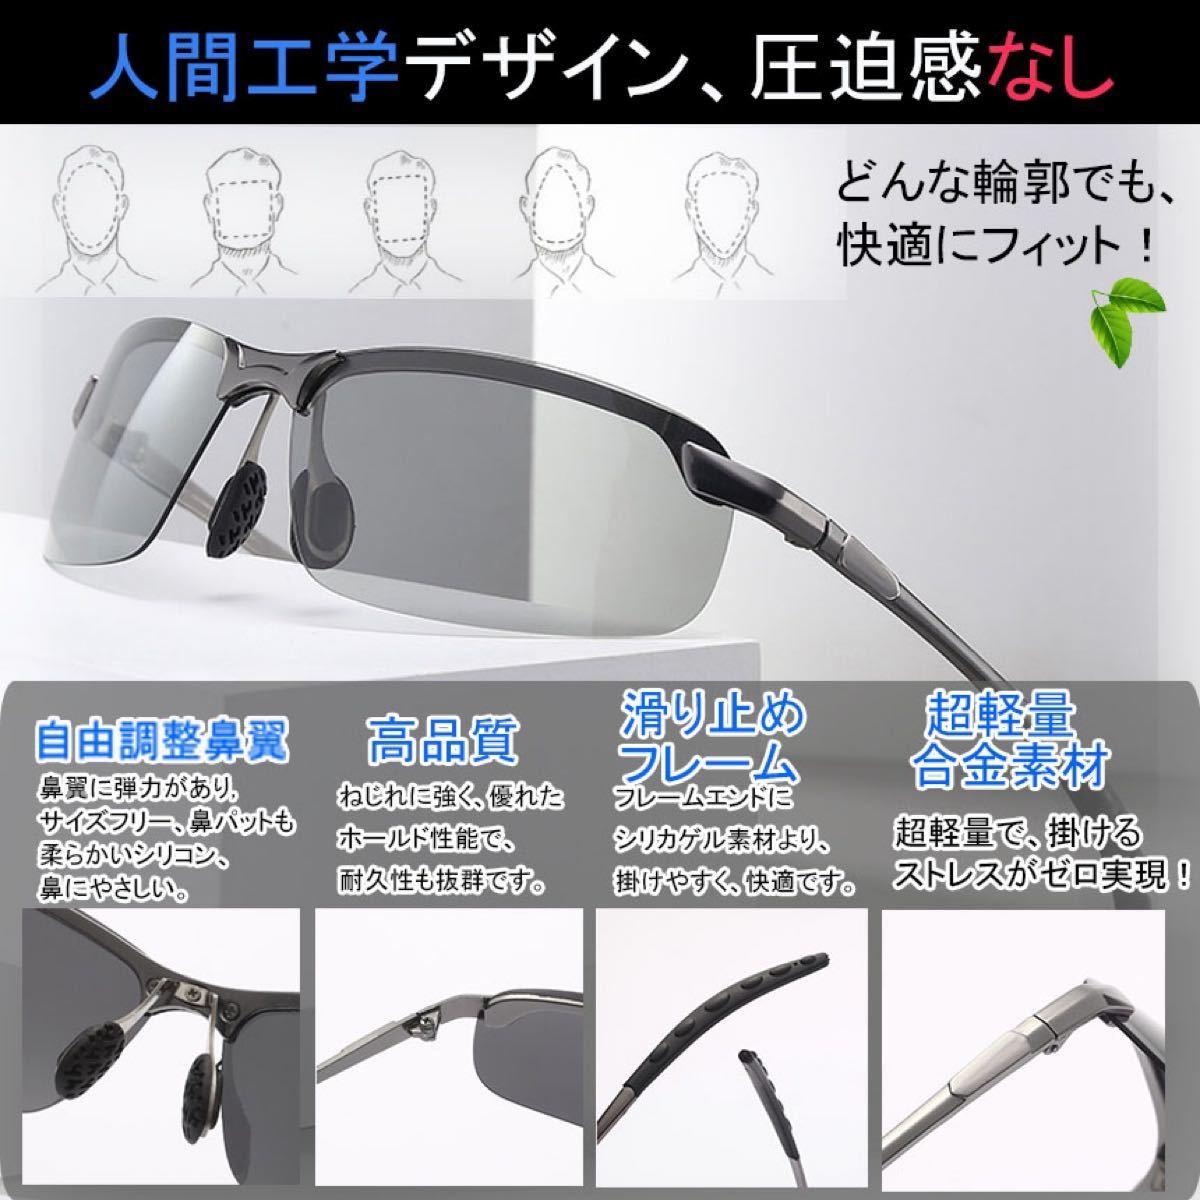 スポーツサングラス メンズ 昼夜兼用偏光サングラス UVカット保護  釣り運転